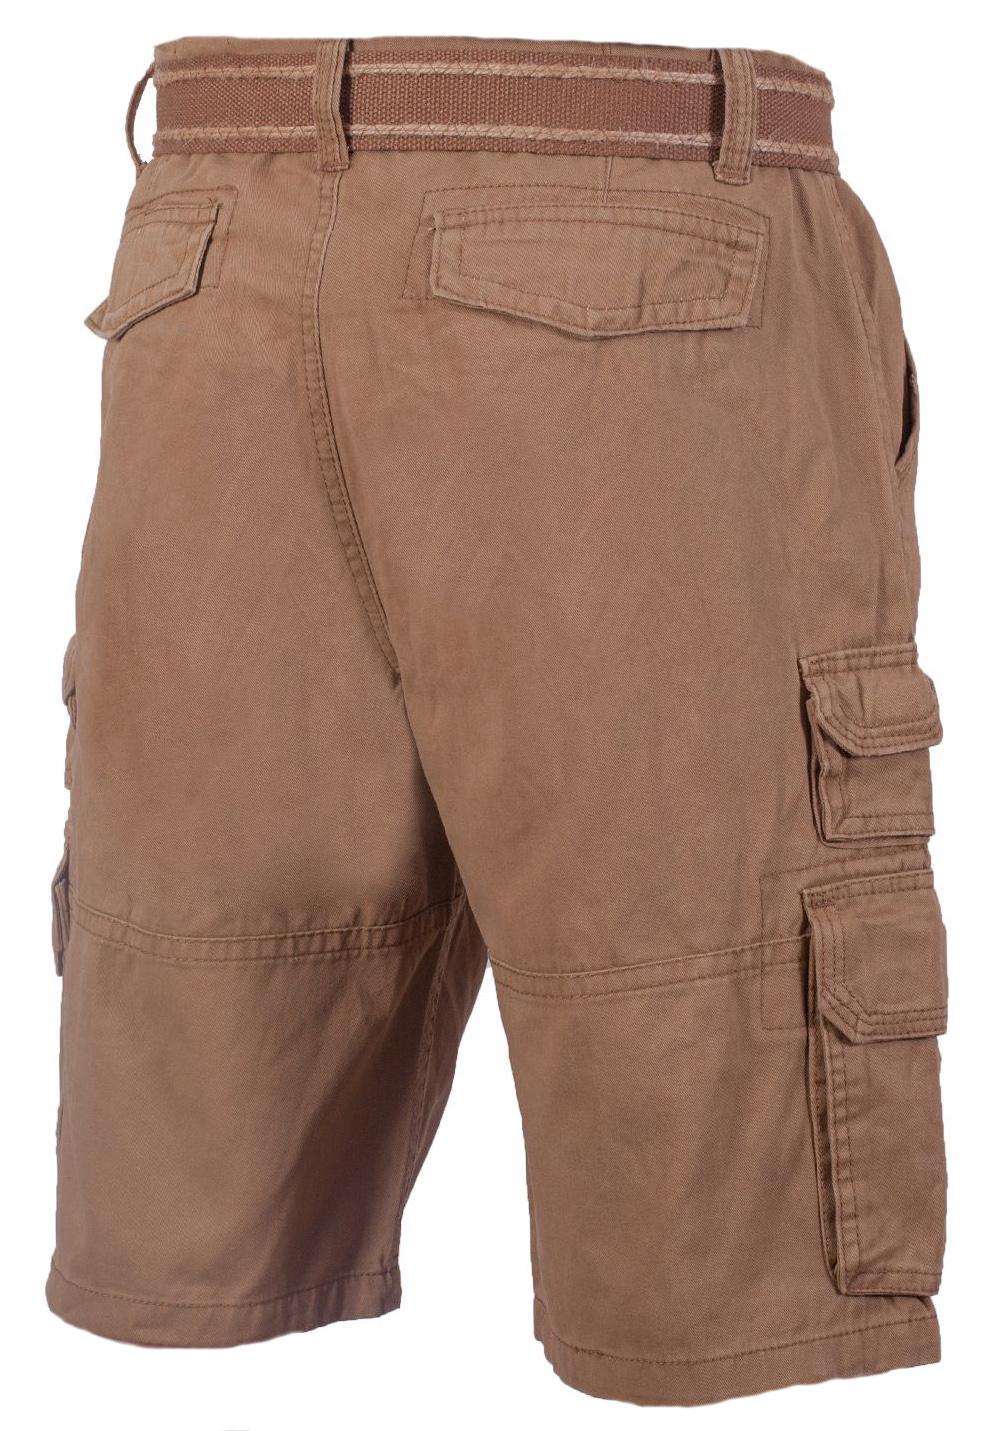 Купить шорты мужские коричневые